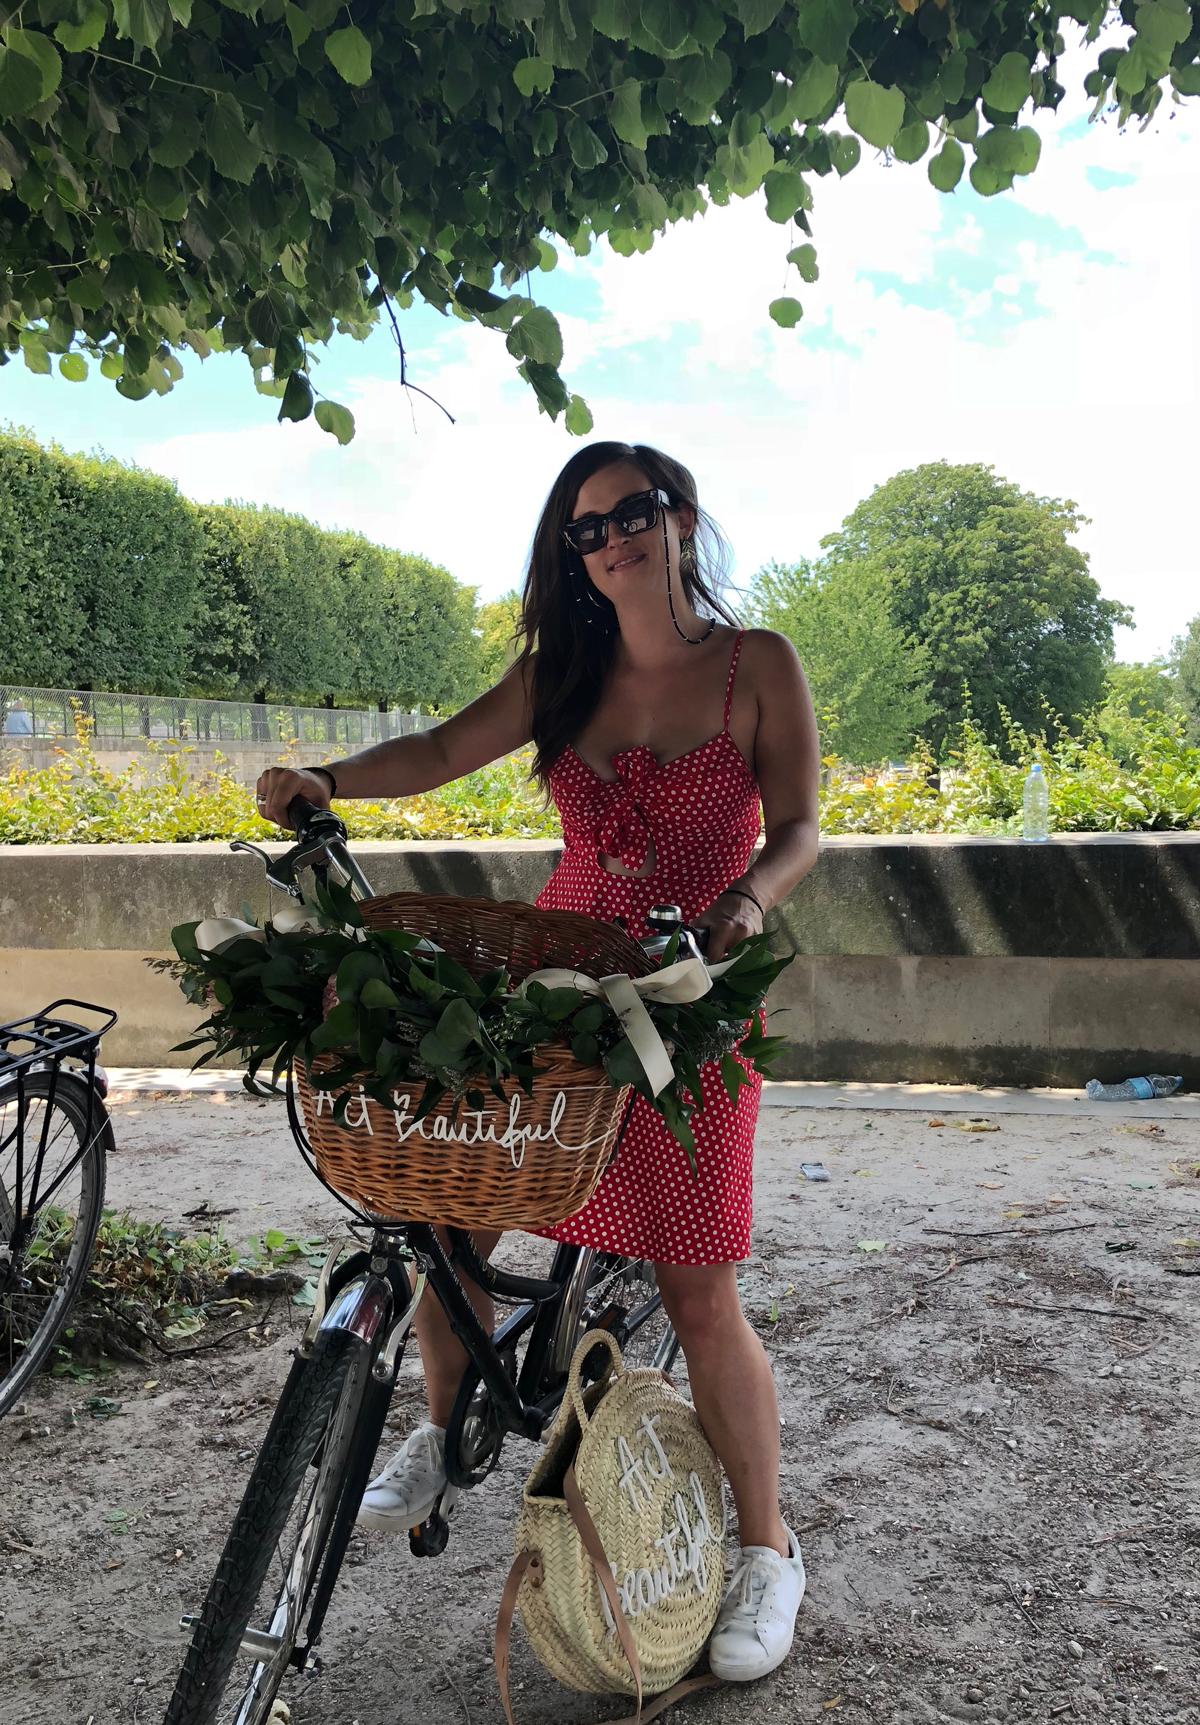 Mit dem blumendekorierten Fahrrad durch Paris.